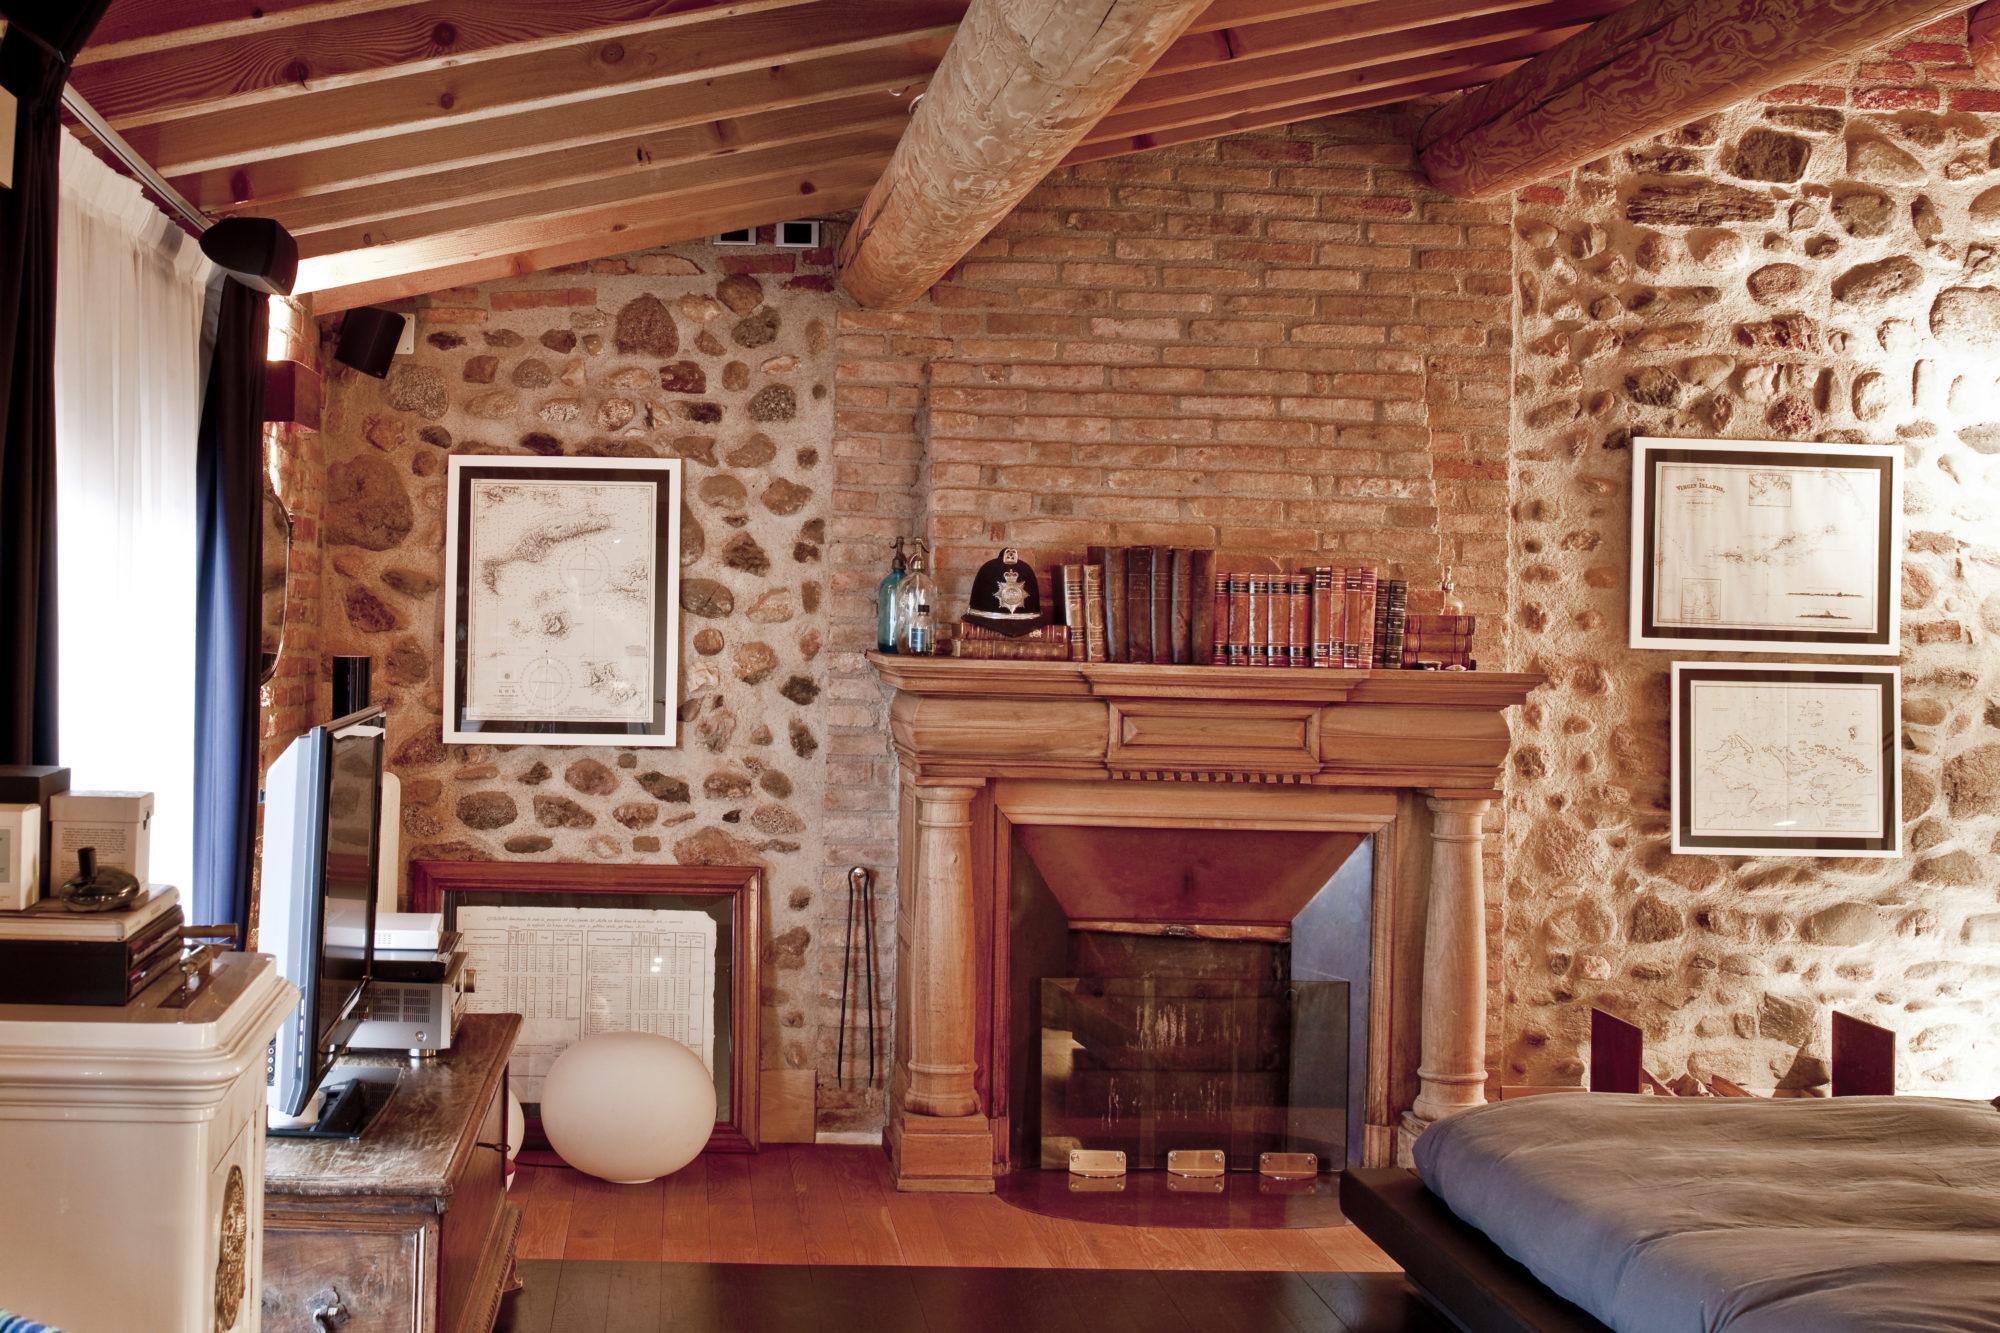 Casa di campagna interno fotografo brescia ottavio tomasini for Immagini di interni di case